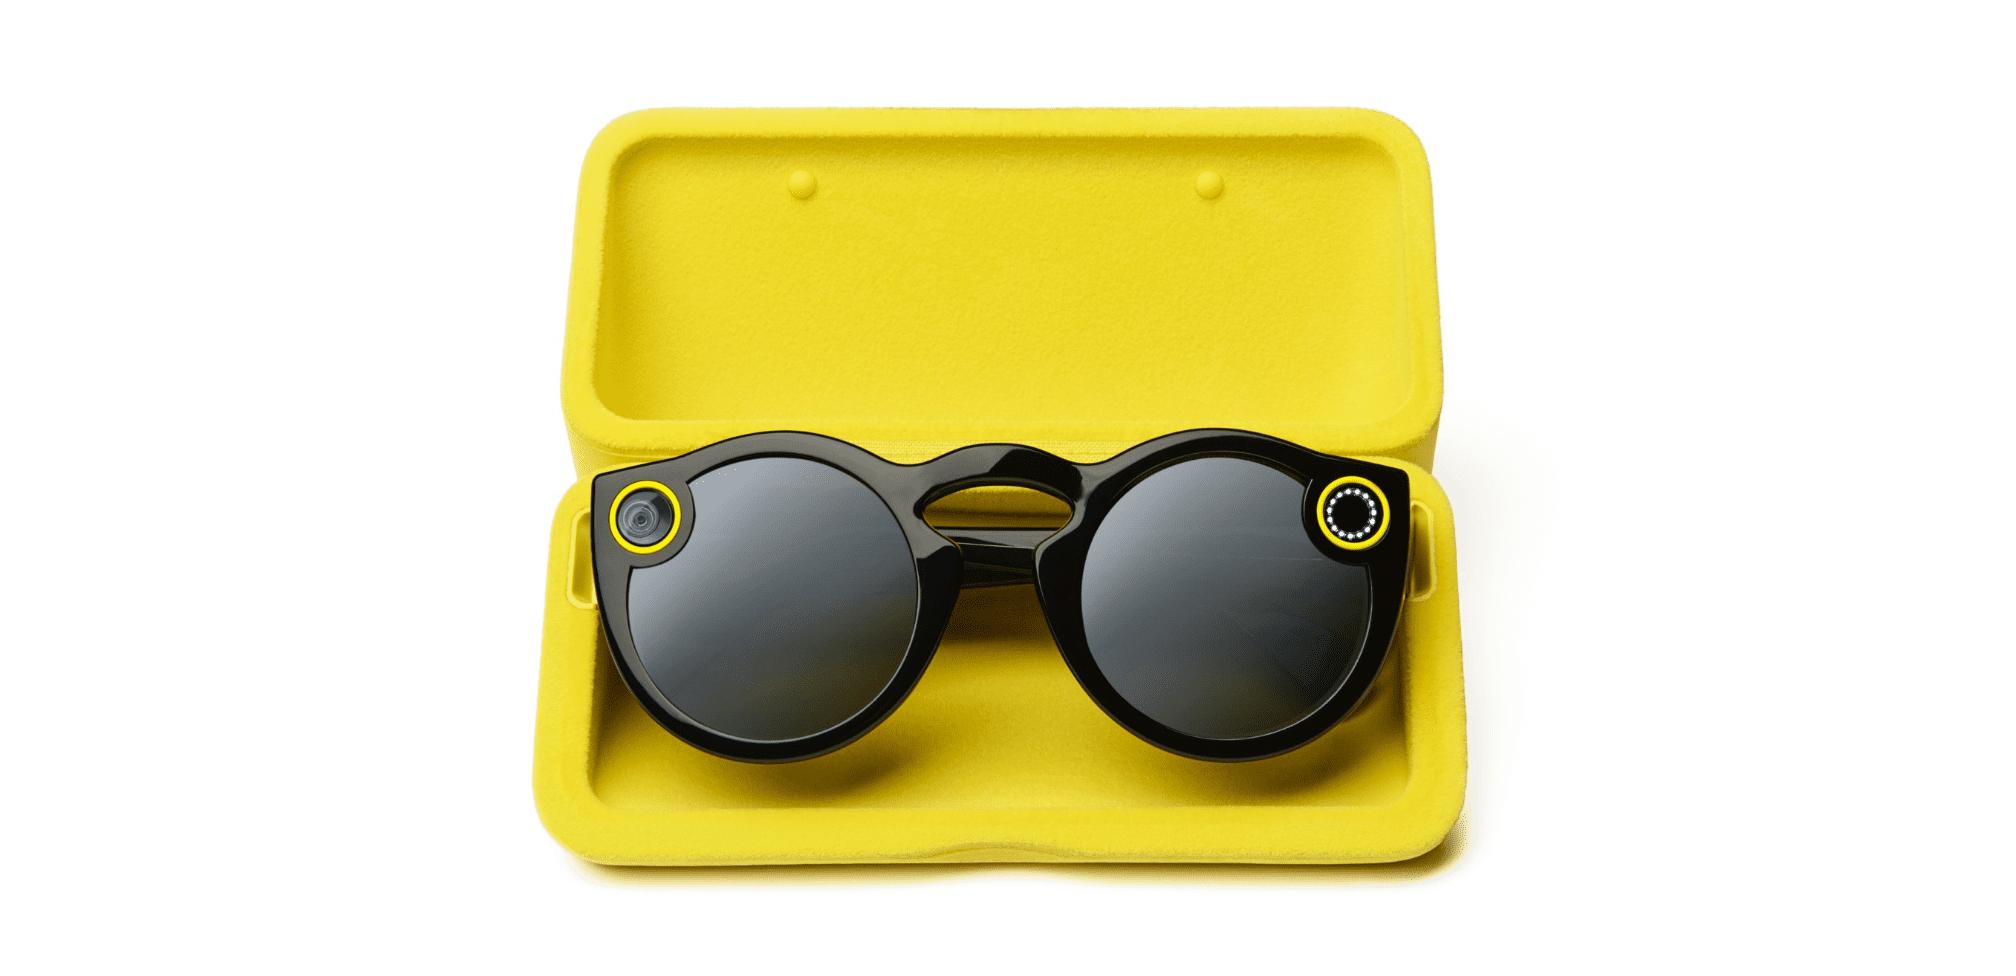 Spectacles conheça o 'spectacles', o divertido óculos do snapchat